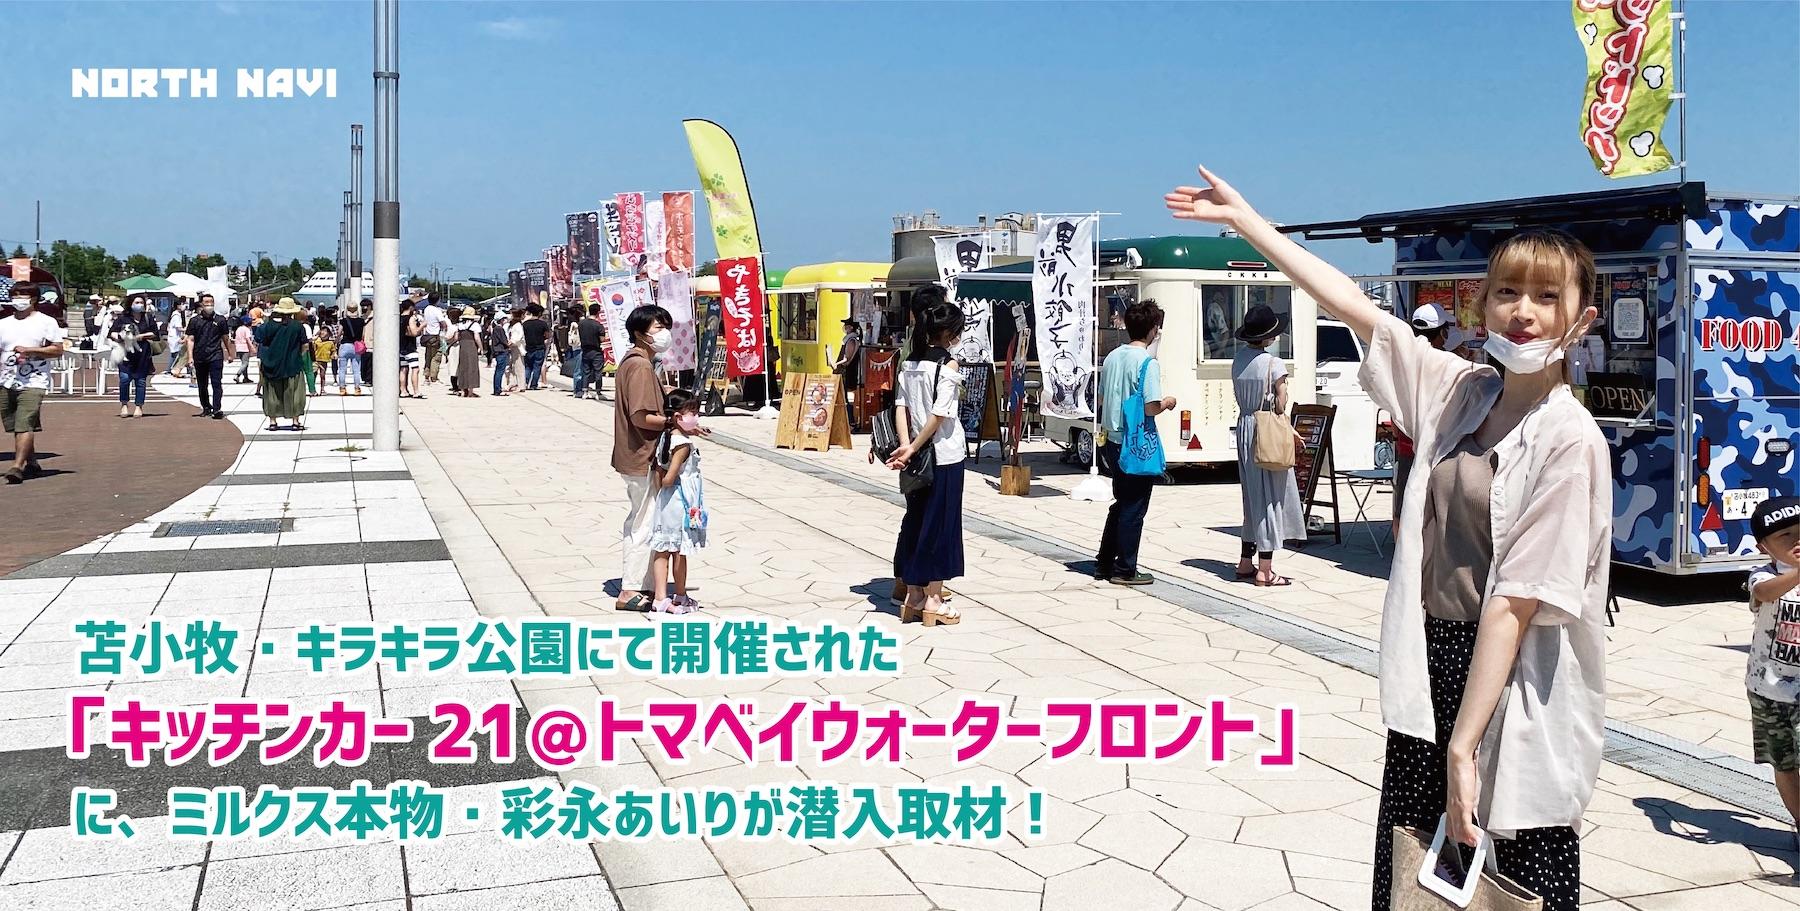 北海道 苫小牧 キラキラ公園 キッチンカー